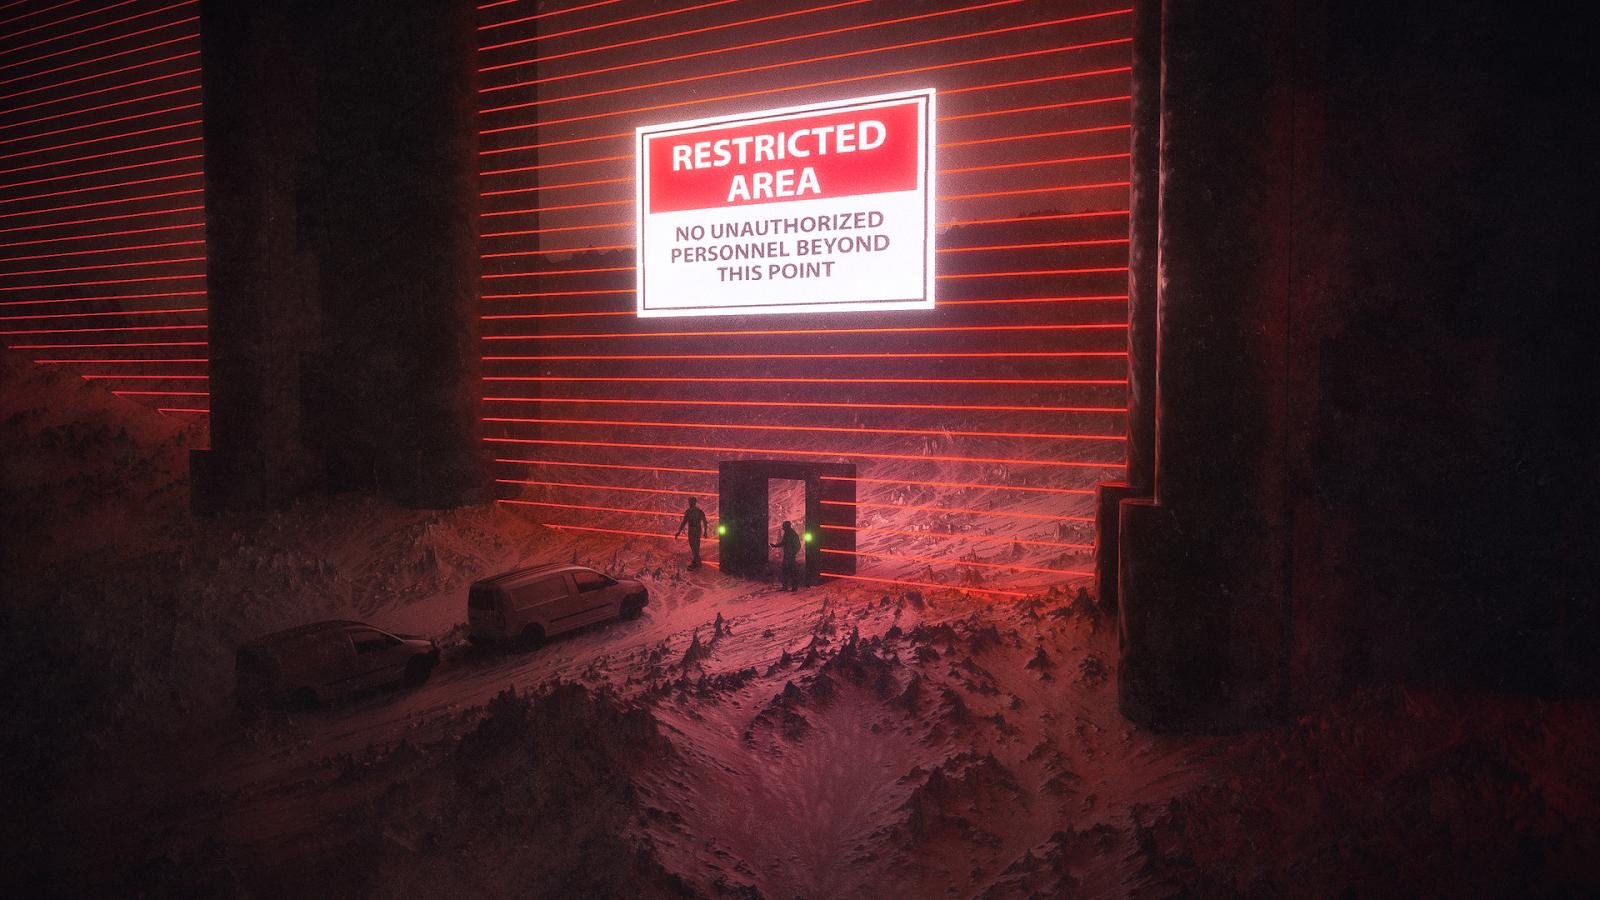 desktop wallpaper restricted area